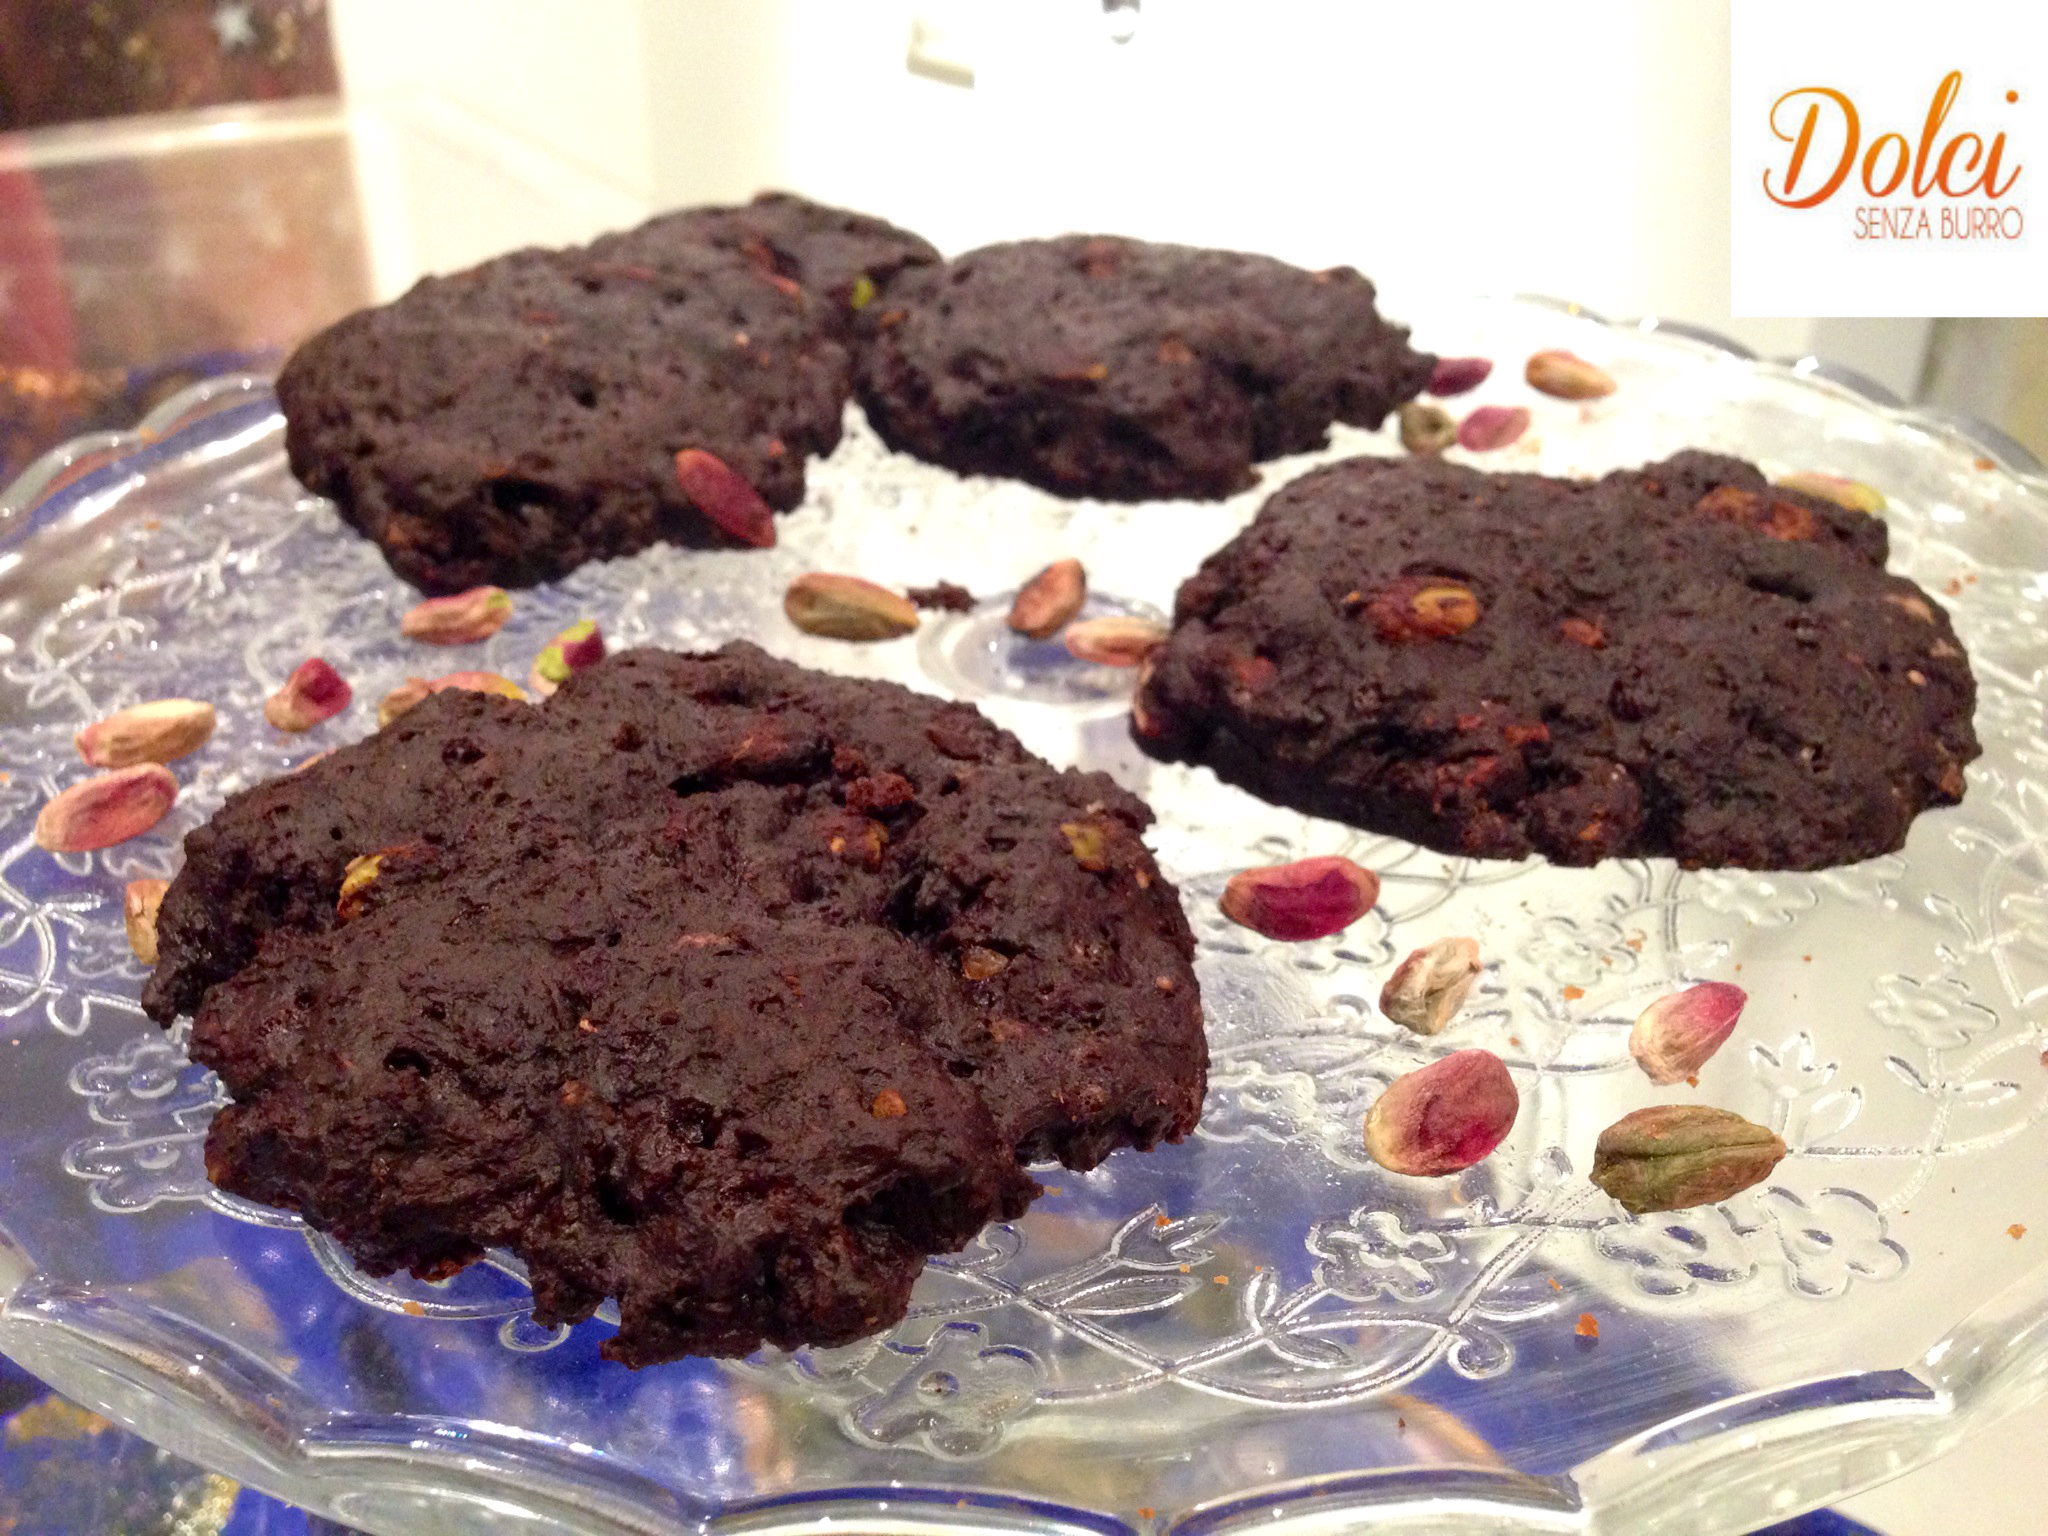 Cookies Senza Burro al Cioccolato e Pistacchio, l'alternativa al solito cookies di Dolci Senza Burro